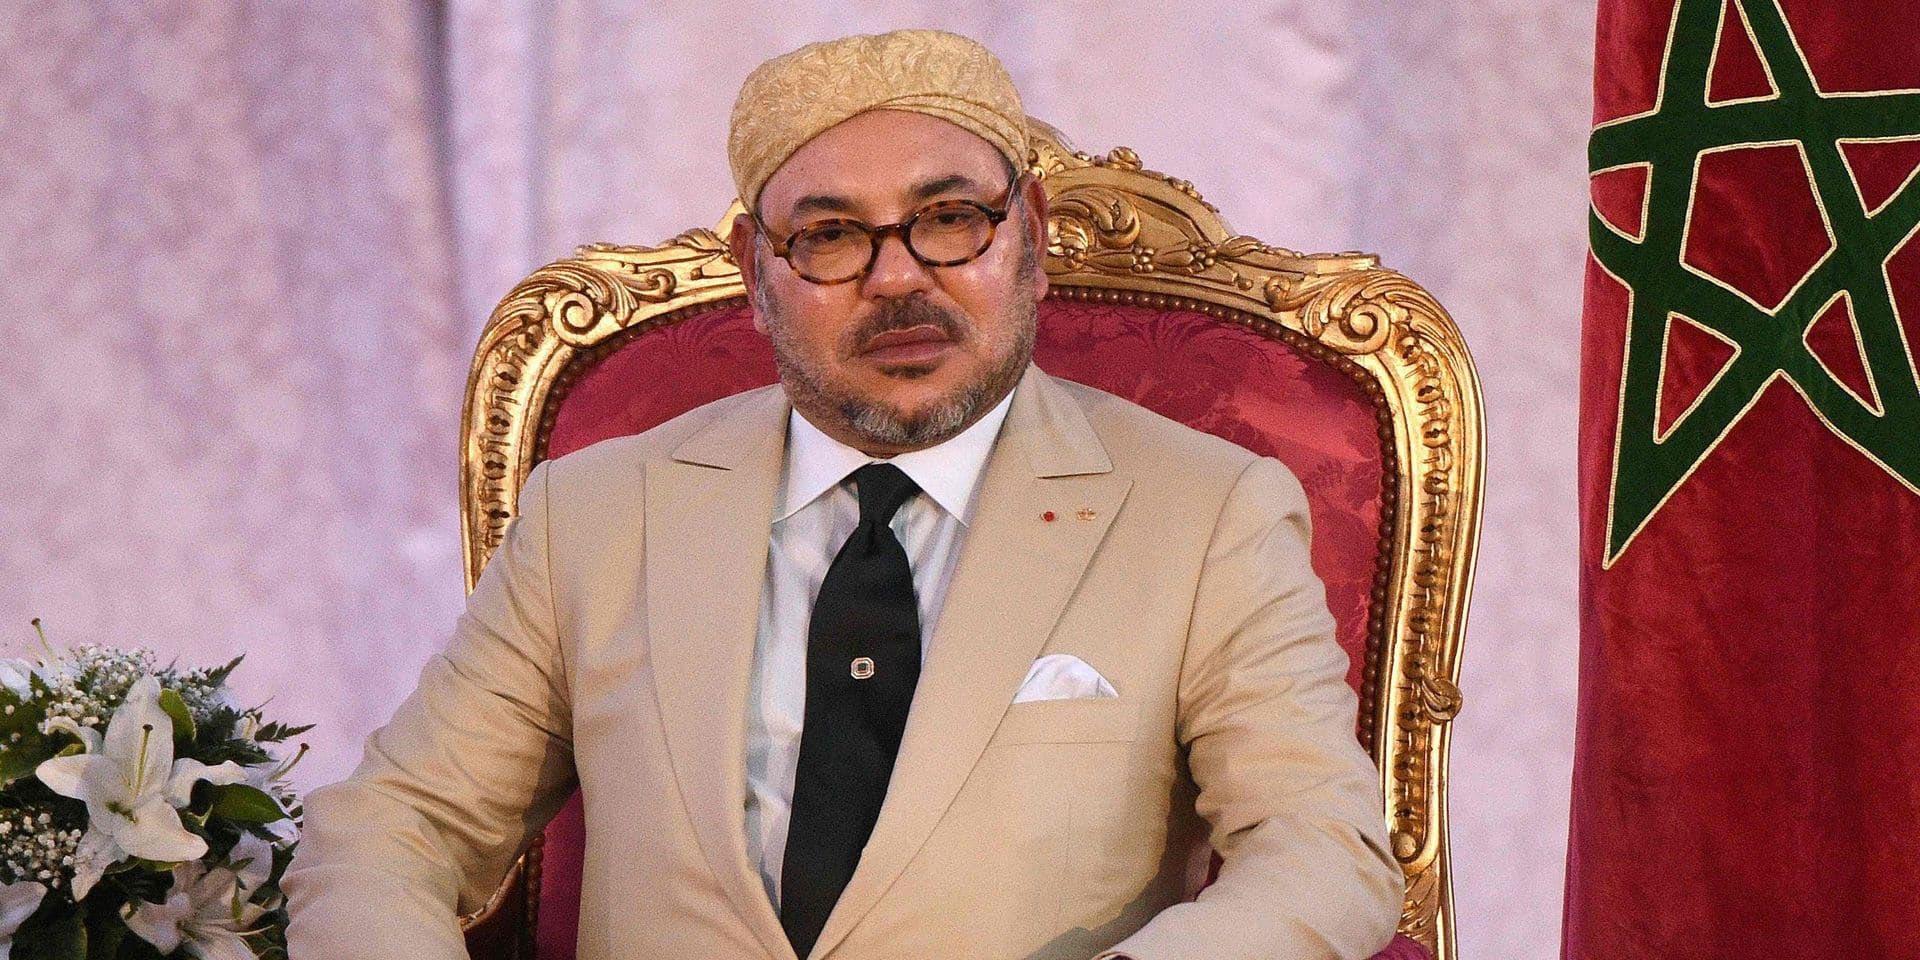 Maroc : le Roi ordonne aux compagnies de transport de veiller à des prix raisonnables